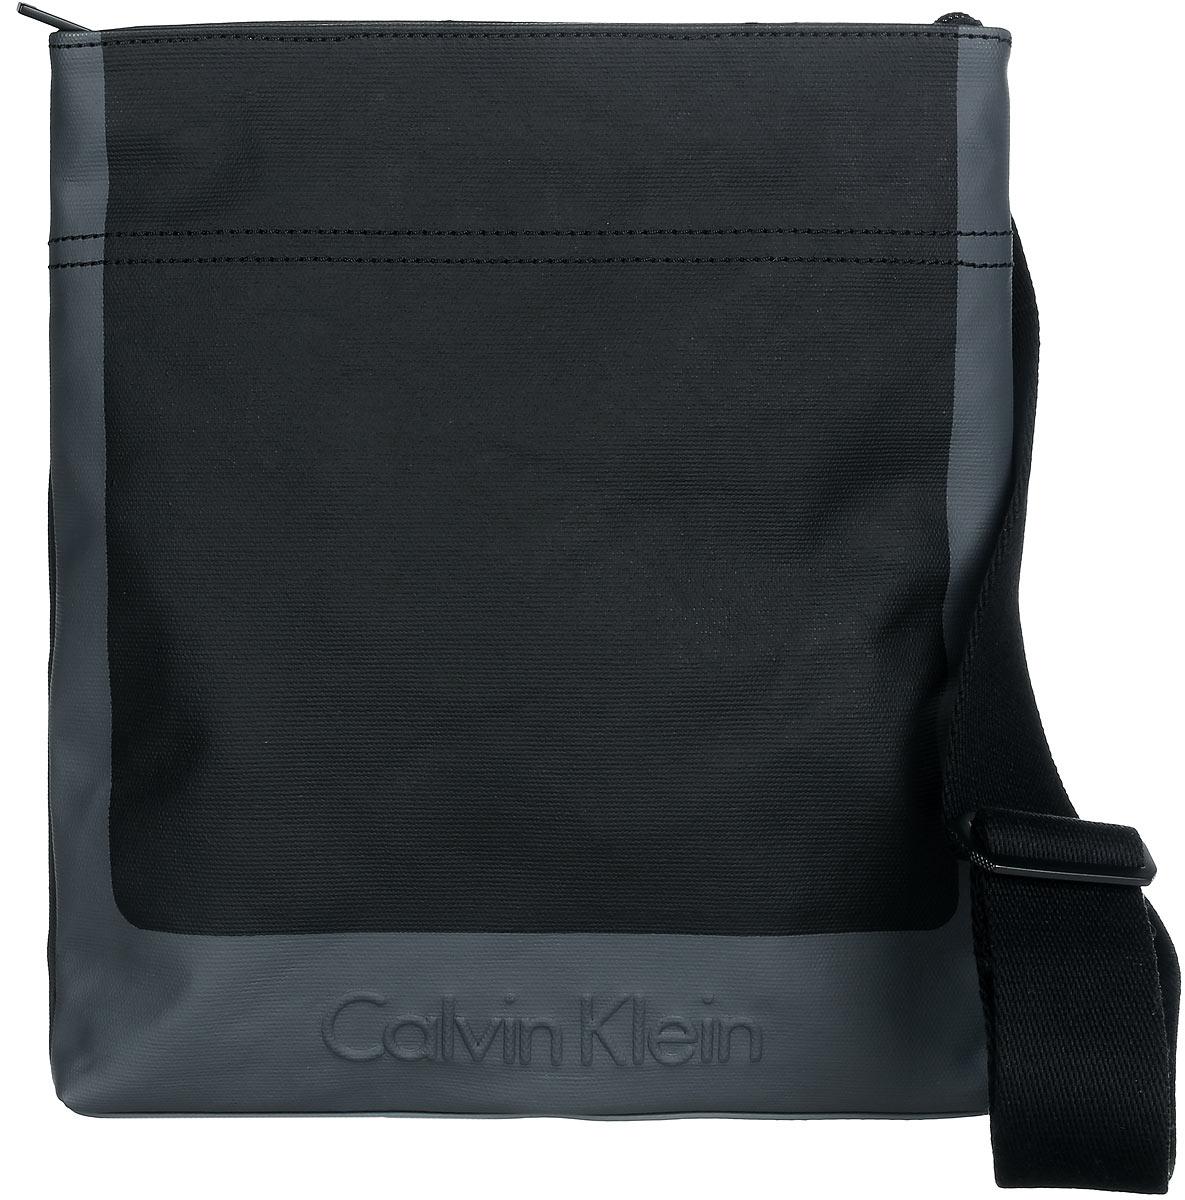 Сумка мужская Calvin Klein Jeans, цвет: черный, серый. K50K502156_0010J3IJ302251_4880Стильная сумка Calvin Klein выполнена из полиуретана и хлопка, оформлена тиснением в виде логотипа бренда.Изделие содержит одно отделение, которое закрывается на застежку-молнию. Внутри сумки размещены два накладных кармашка для мелочей и врезной карман на застежке-молнии. На задней стороне расположен открытый накладной кармашек. Сумка оснащена плечевым ремнем регулируемой длины. В комплекте с изделием поставляется чехол для хранения.Модная сумка идеально подчеркнет ваш неповторимый стиль.